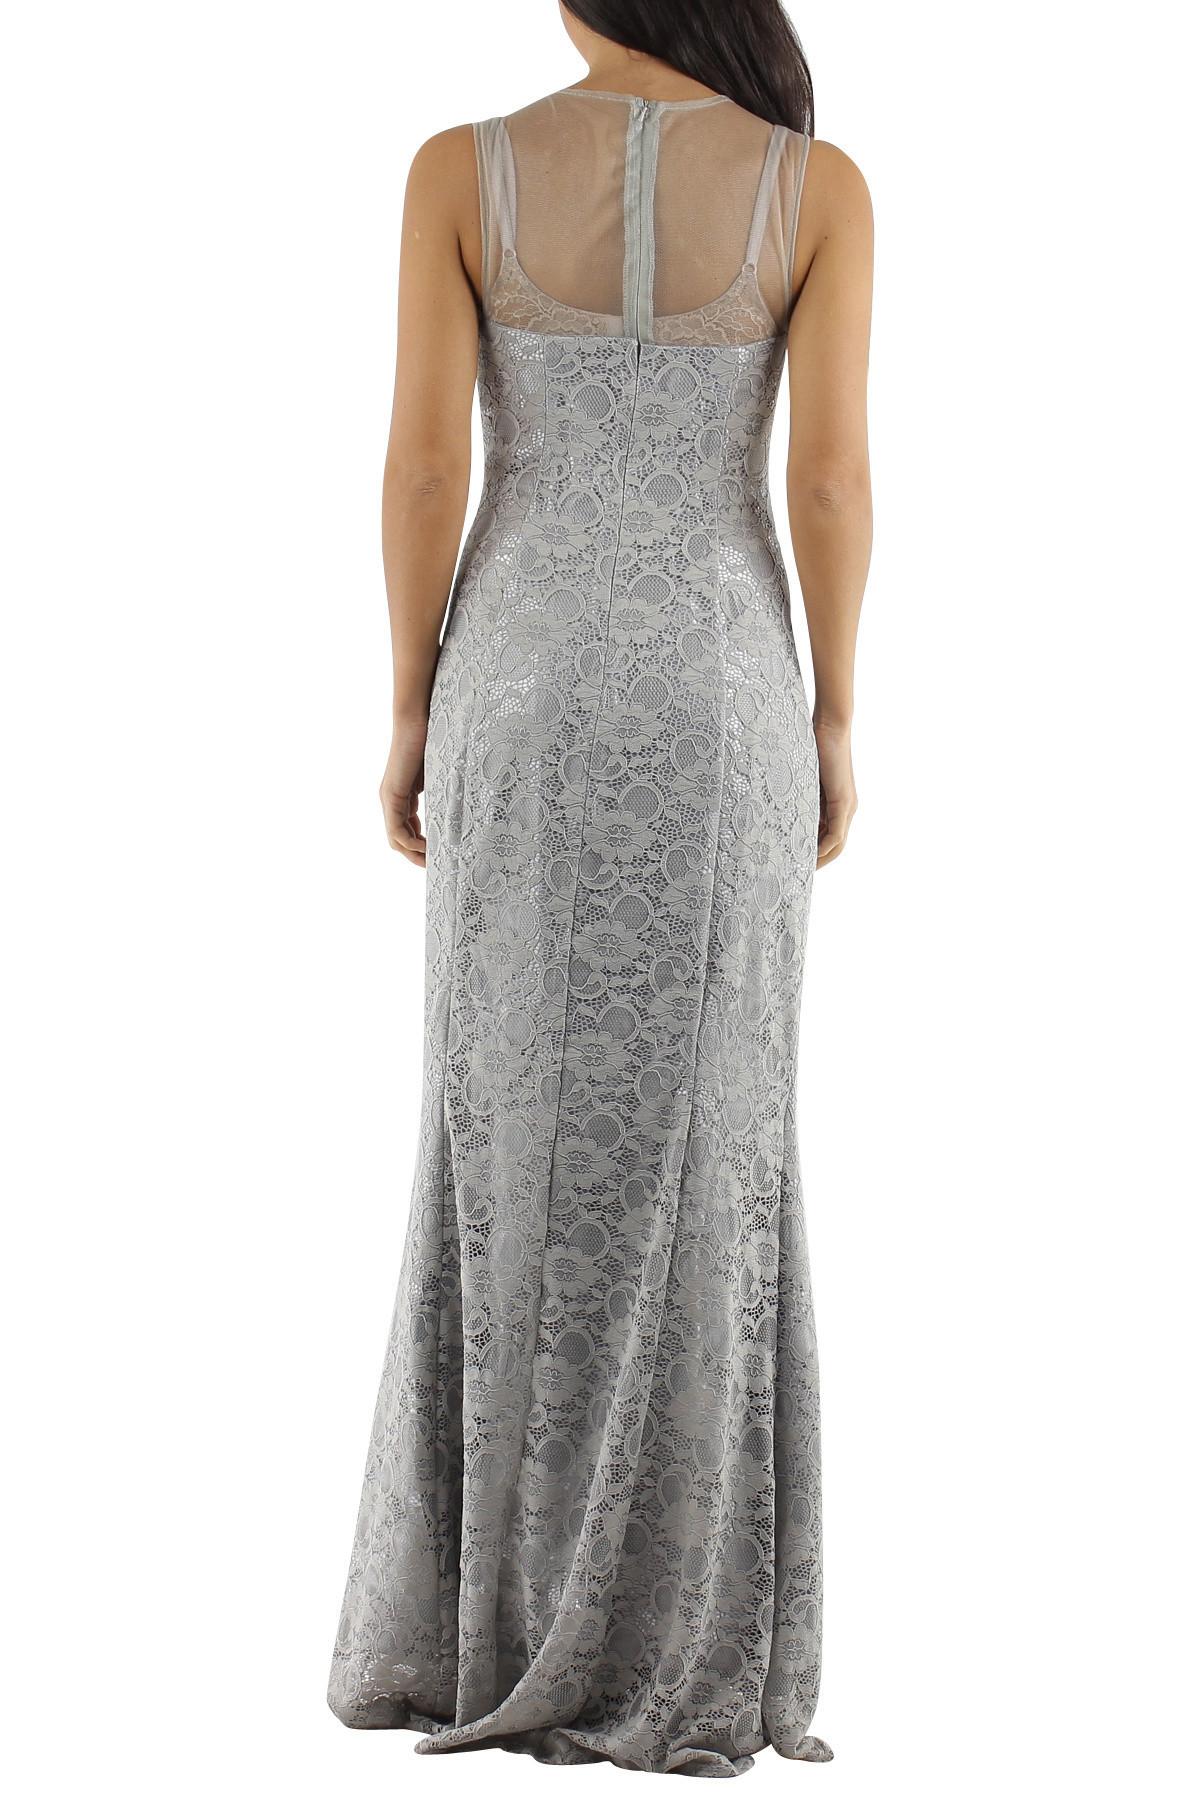 Spoločenské a plesové šaty krajkové dlhé luxusné značkové CHARM'S Paris sivé - Šedá / XS - CHARM'S Paris šedá XS